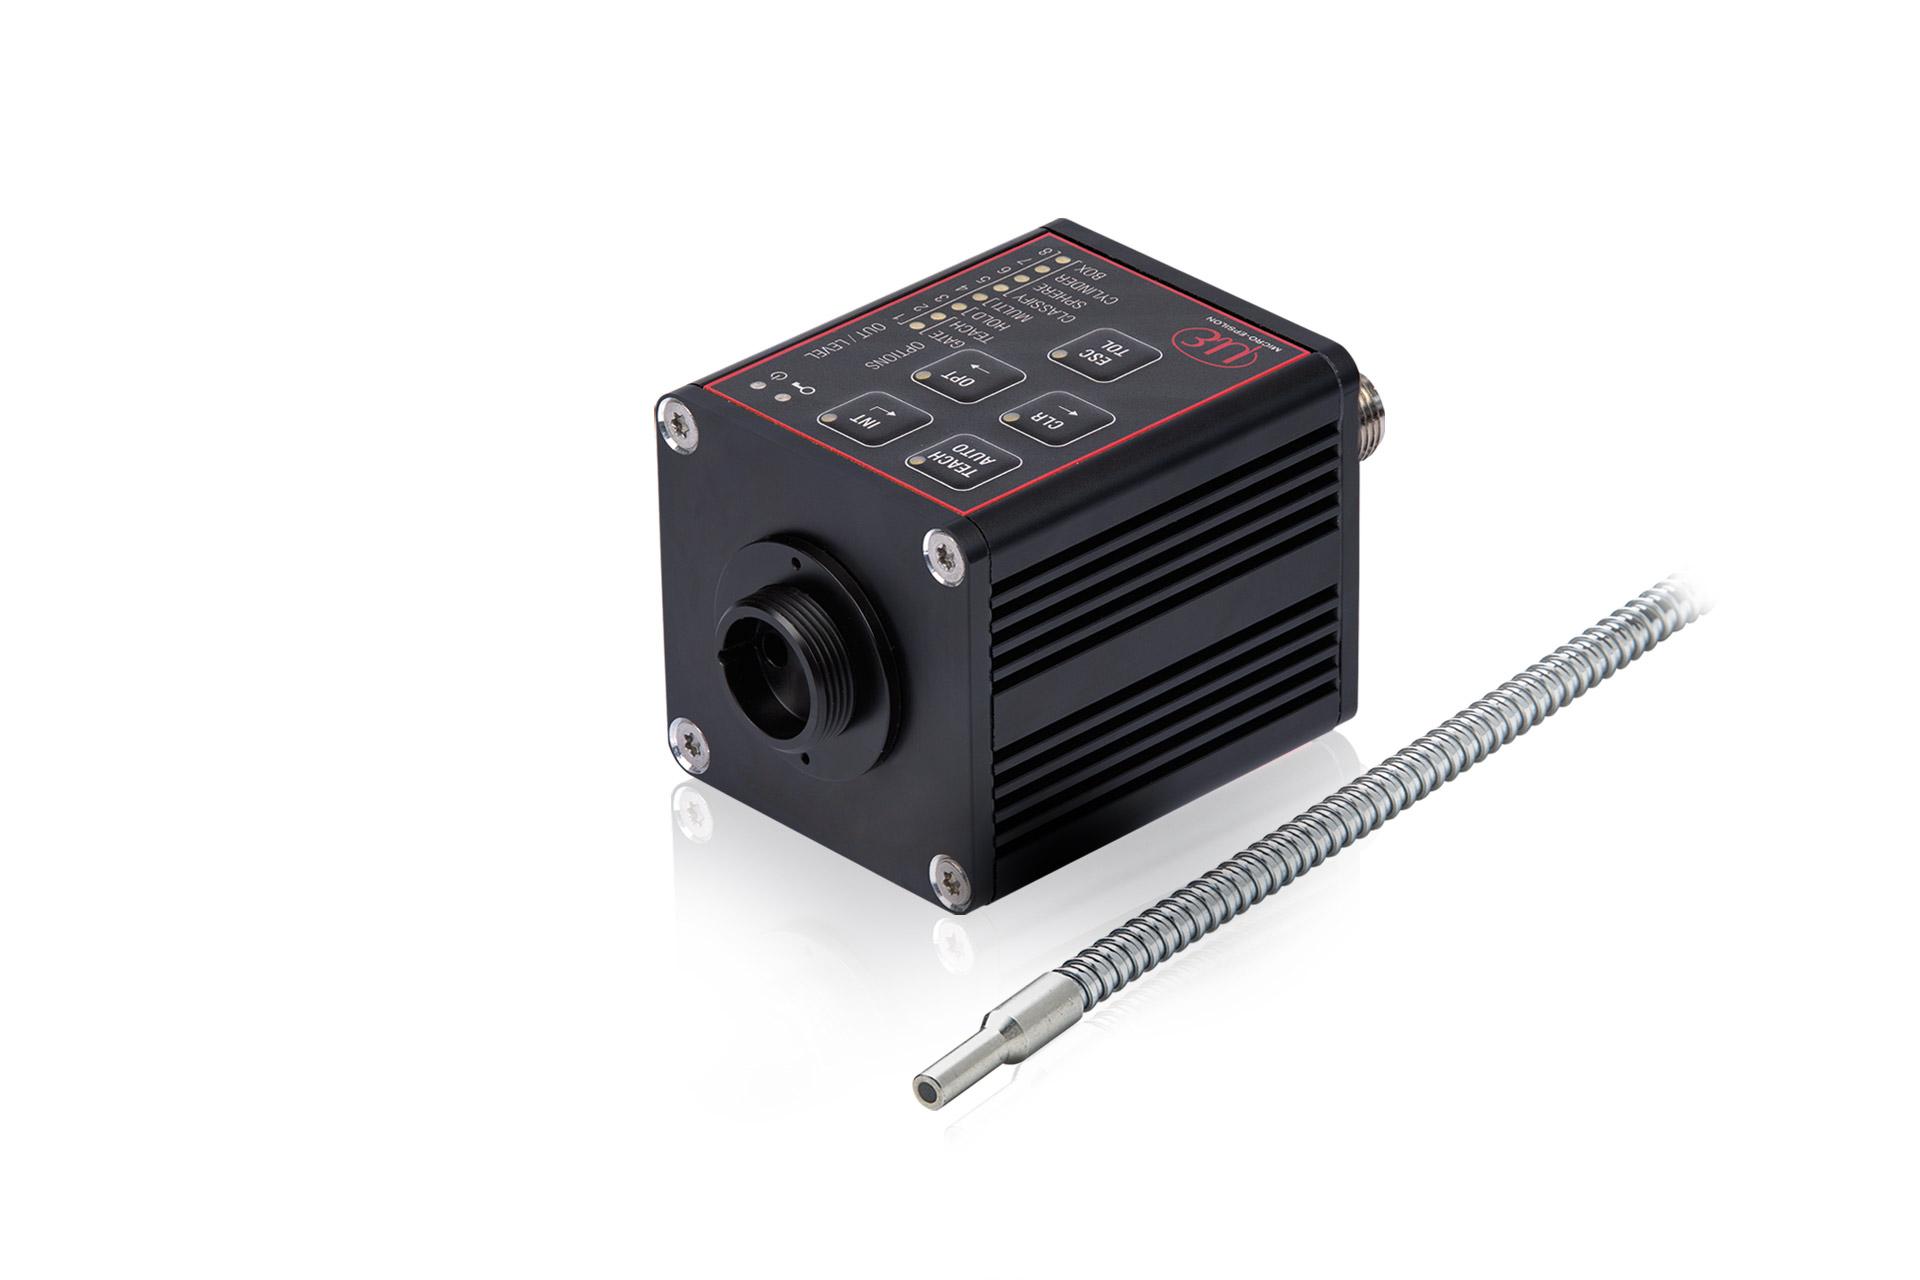 Kompakter Farbsensor CFO100 mit Reflex-Lichtleiter